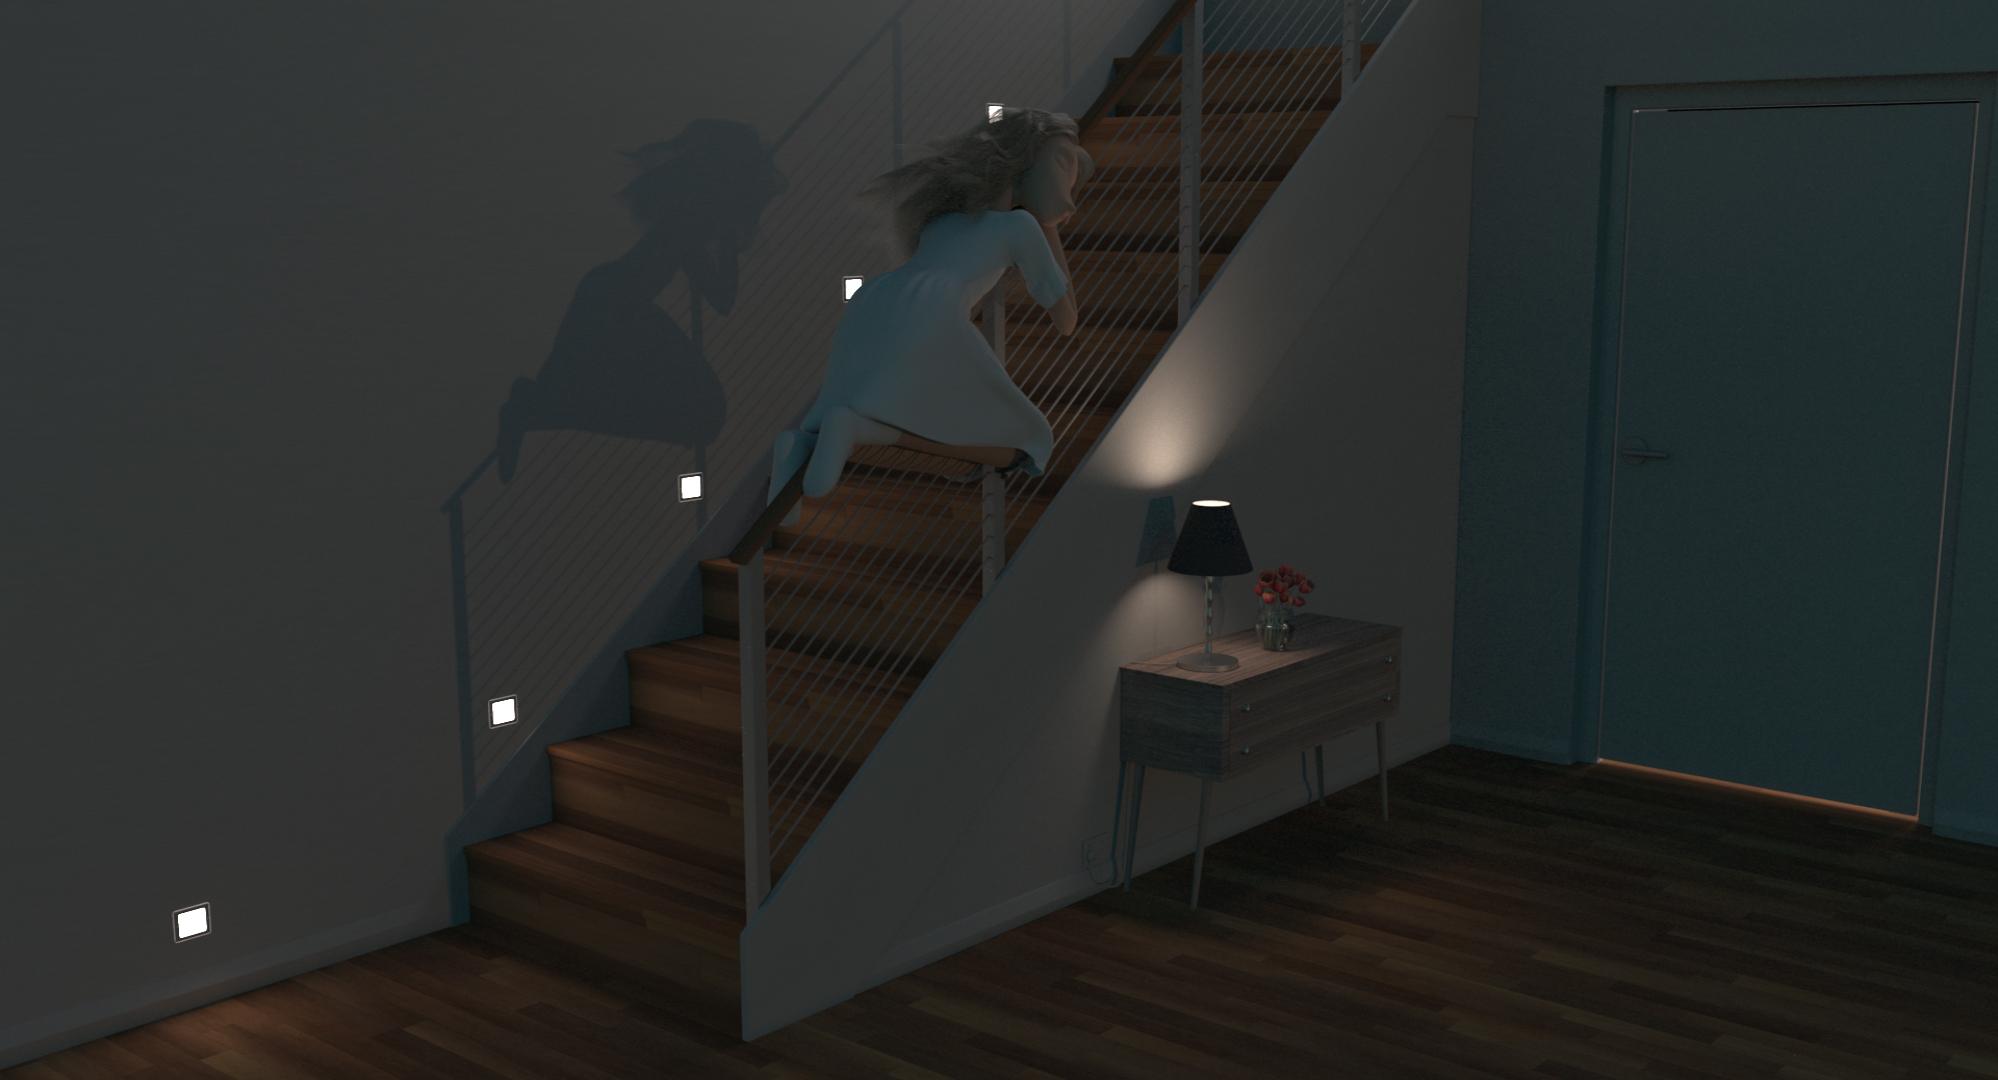 TheSomnambulist_Stairs.jpg